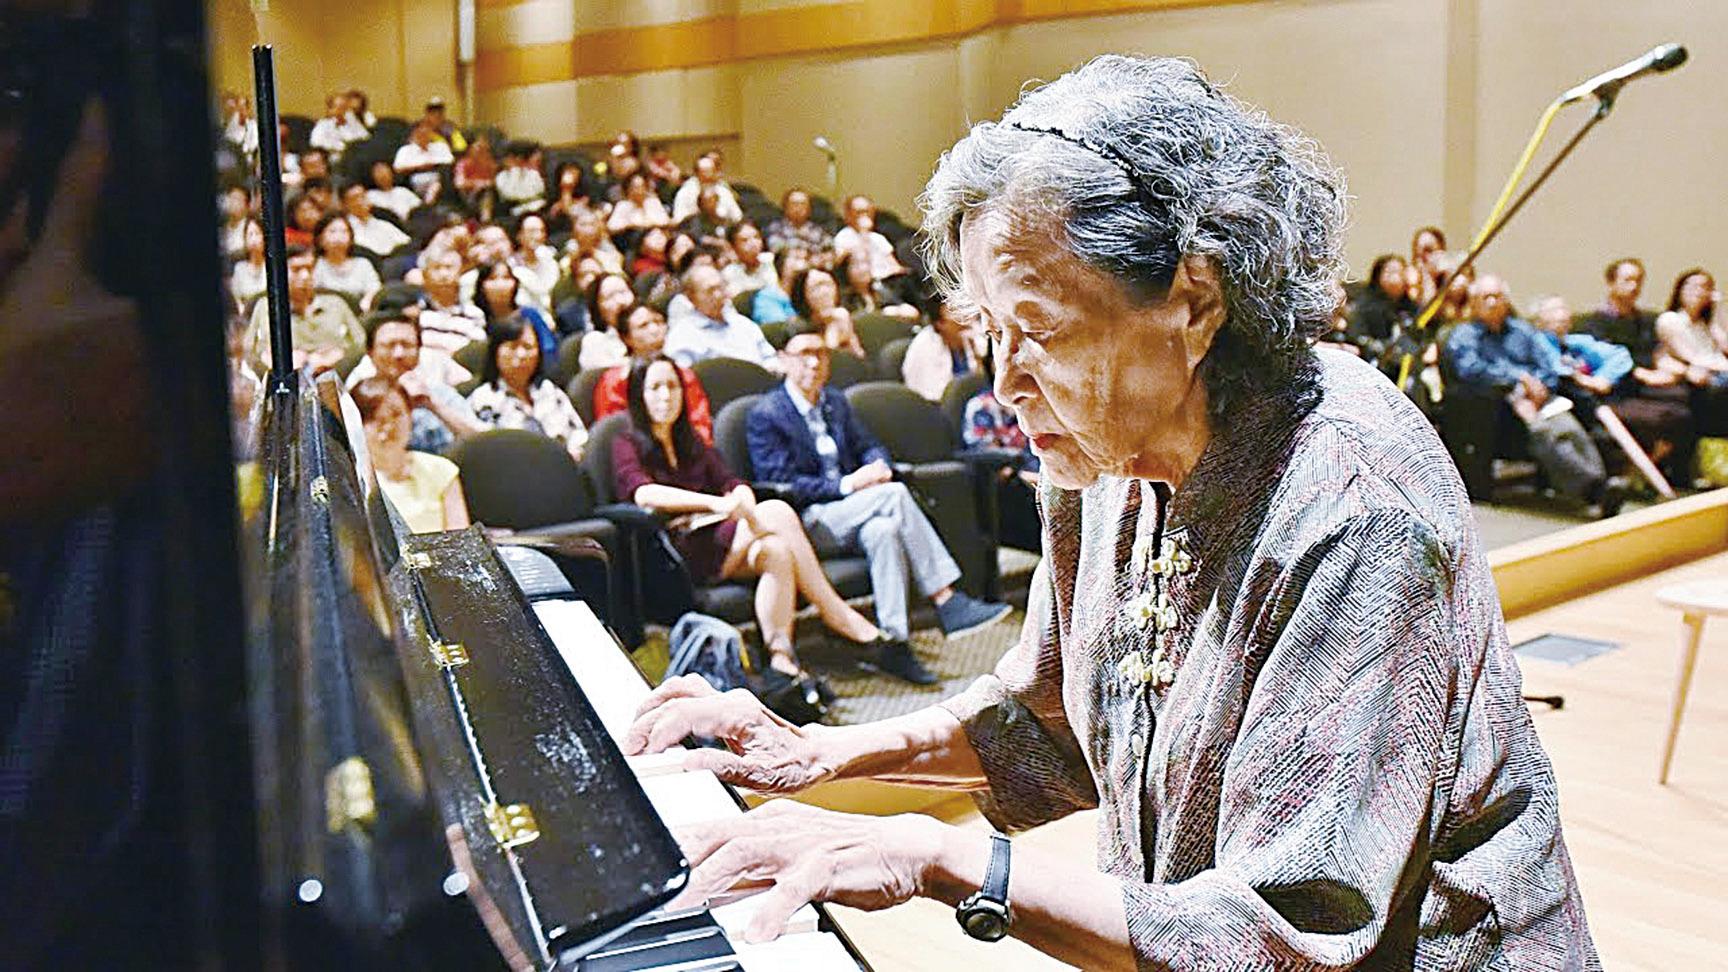 巫漪麗演奏的鋼琴曲《梁祝》的短片在社交媒體爆紅,這個曾祖母級的鋼琴演奏家成了網絡紅人。然而,有誰知道這是劫後倖存的琴聲呢?(短片截圖)